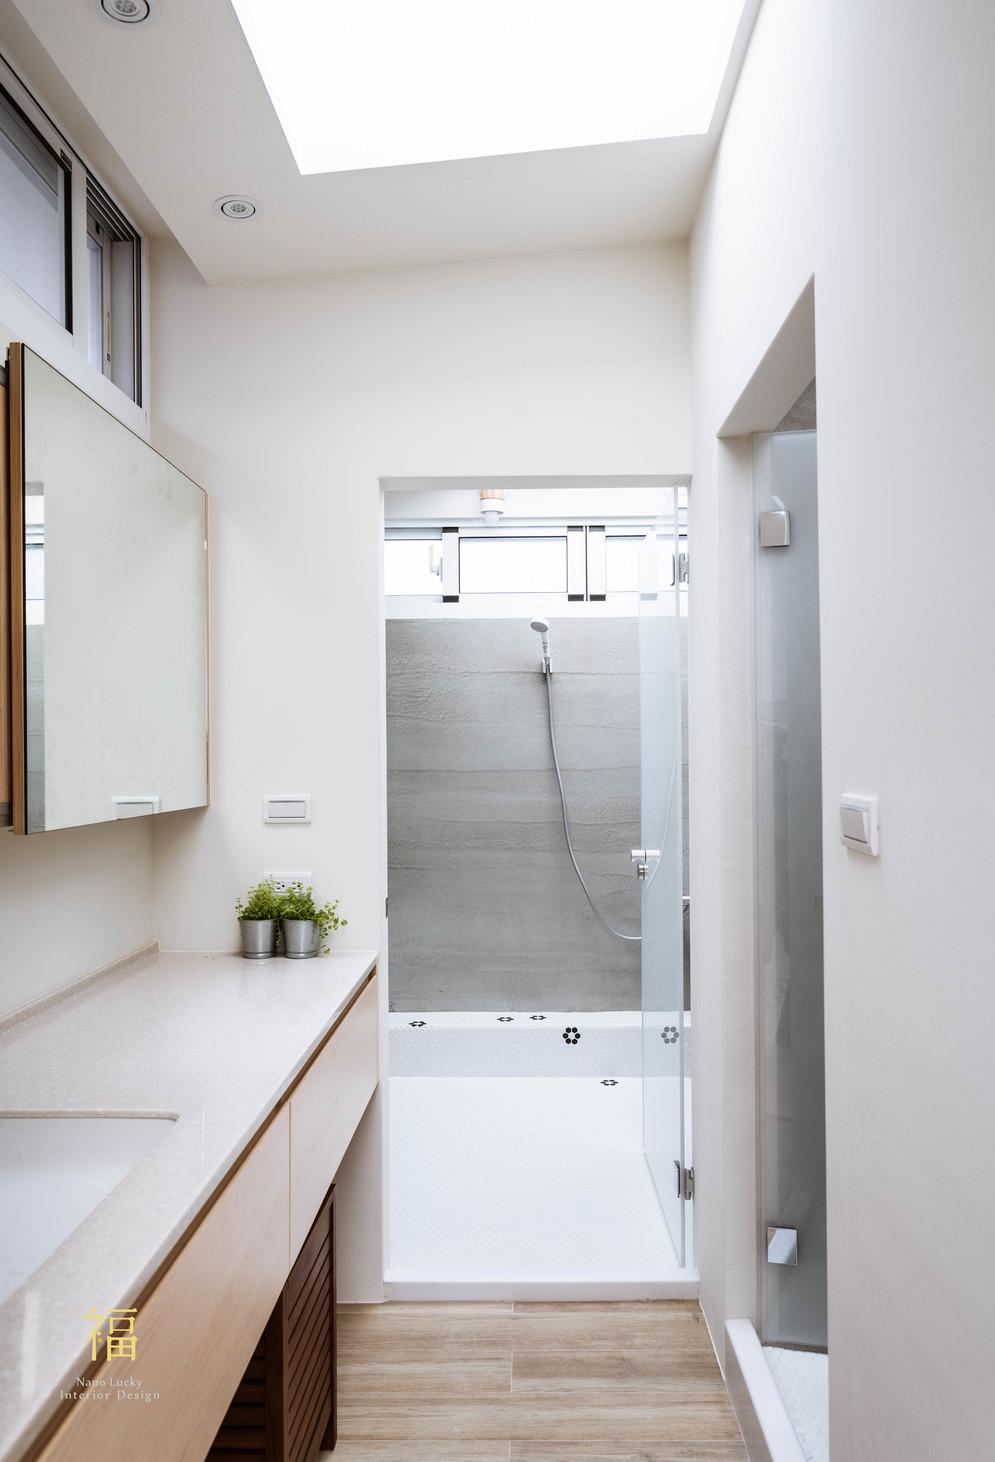 Nanolucky小福砌空間設計-嘉北街-透天住宅設計-日系無印風-天然採光